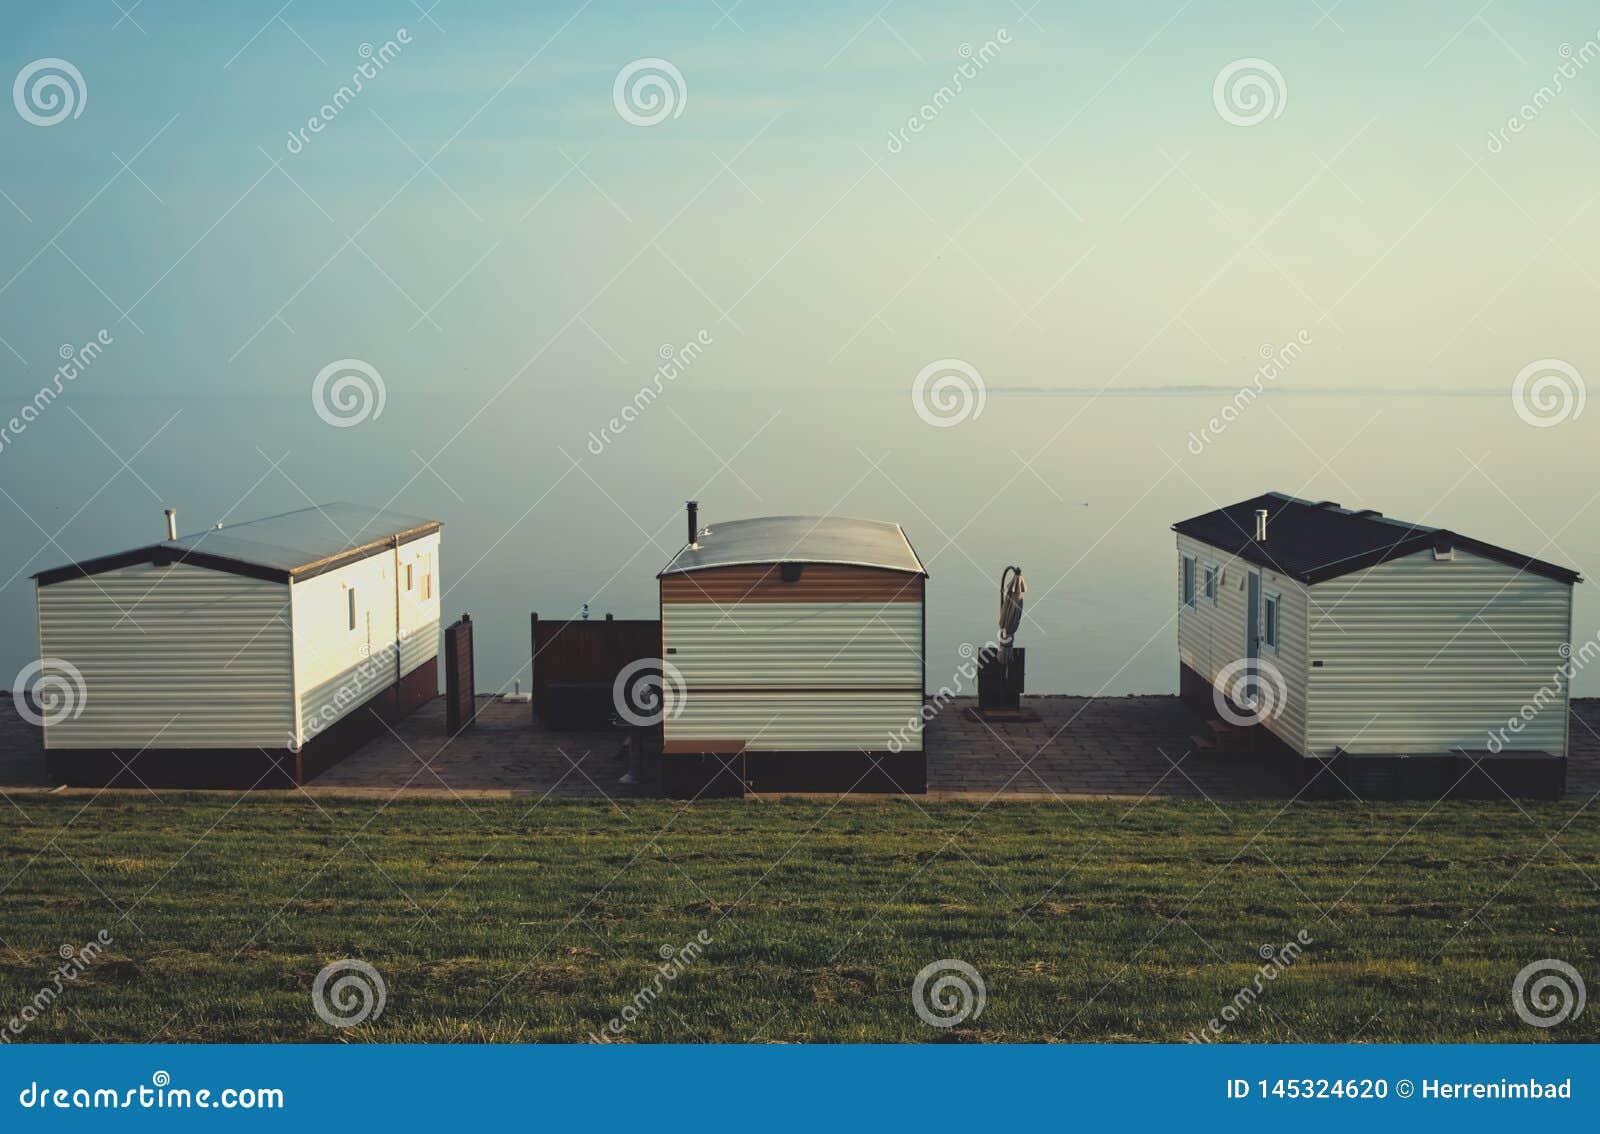 Three fisherman huts